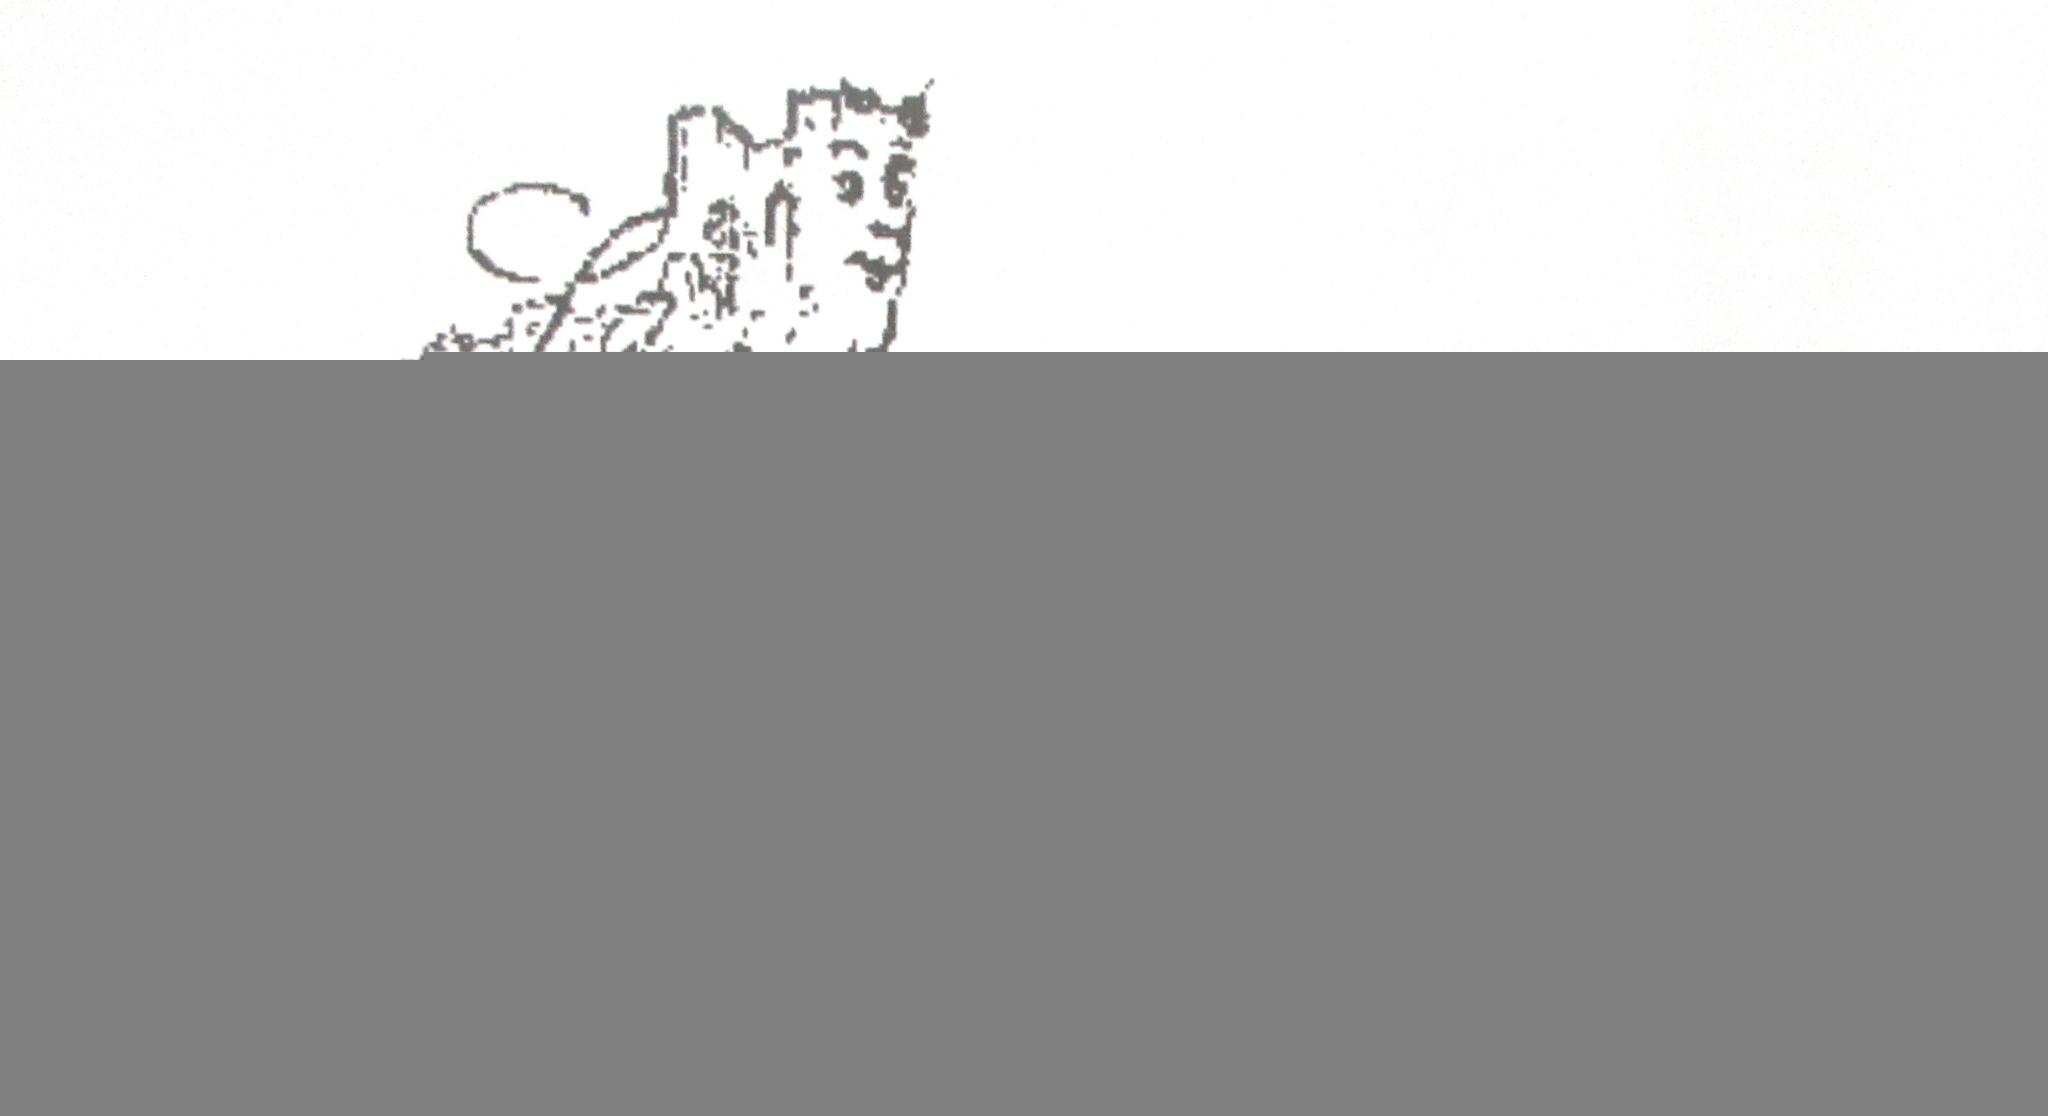 La Gazelle pennale